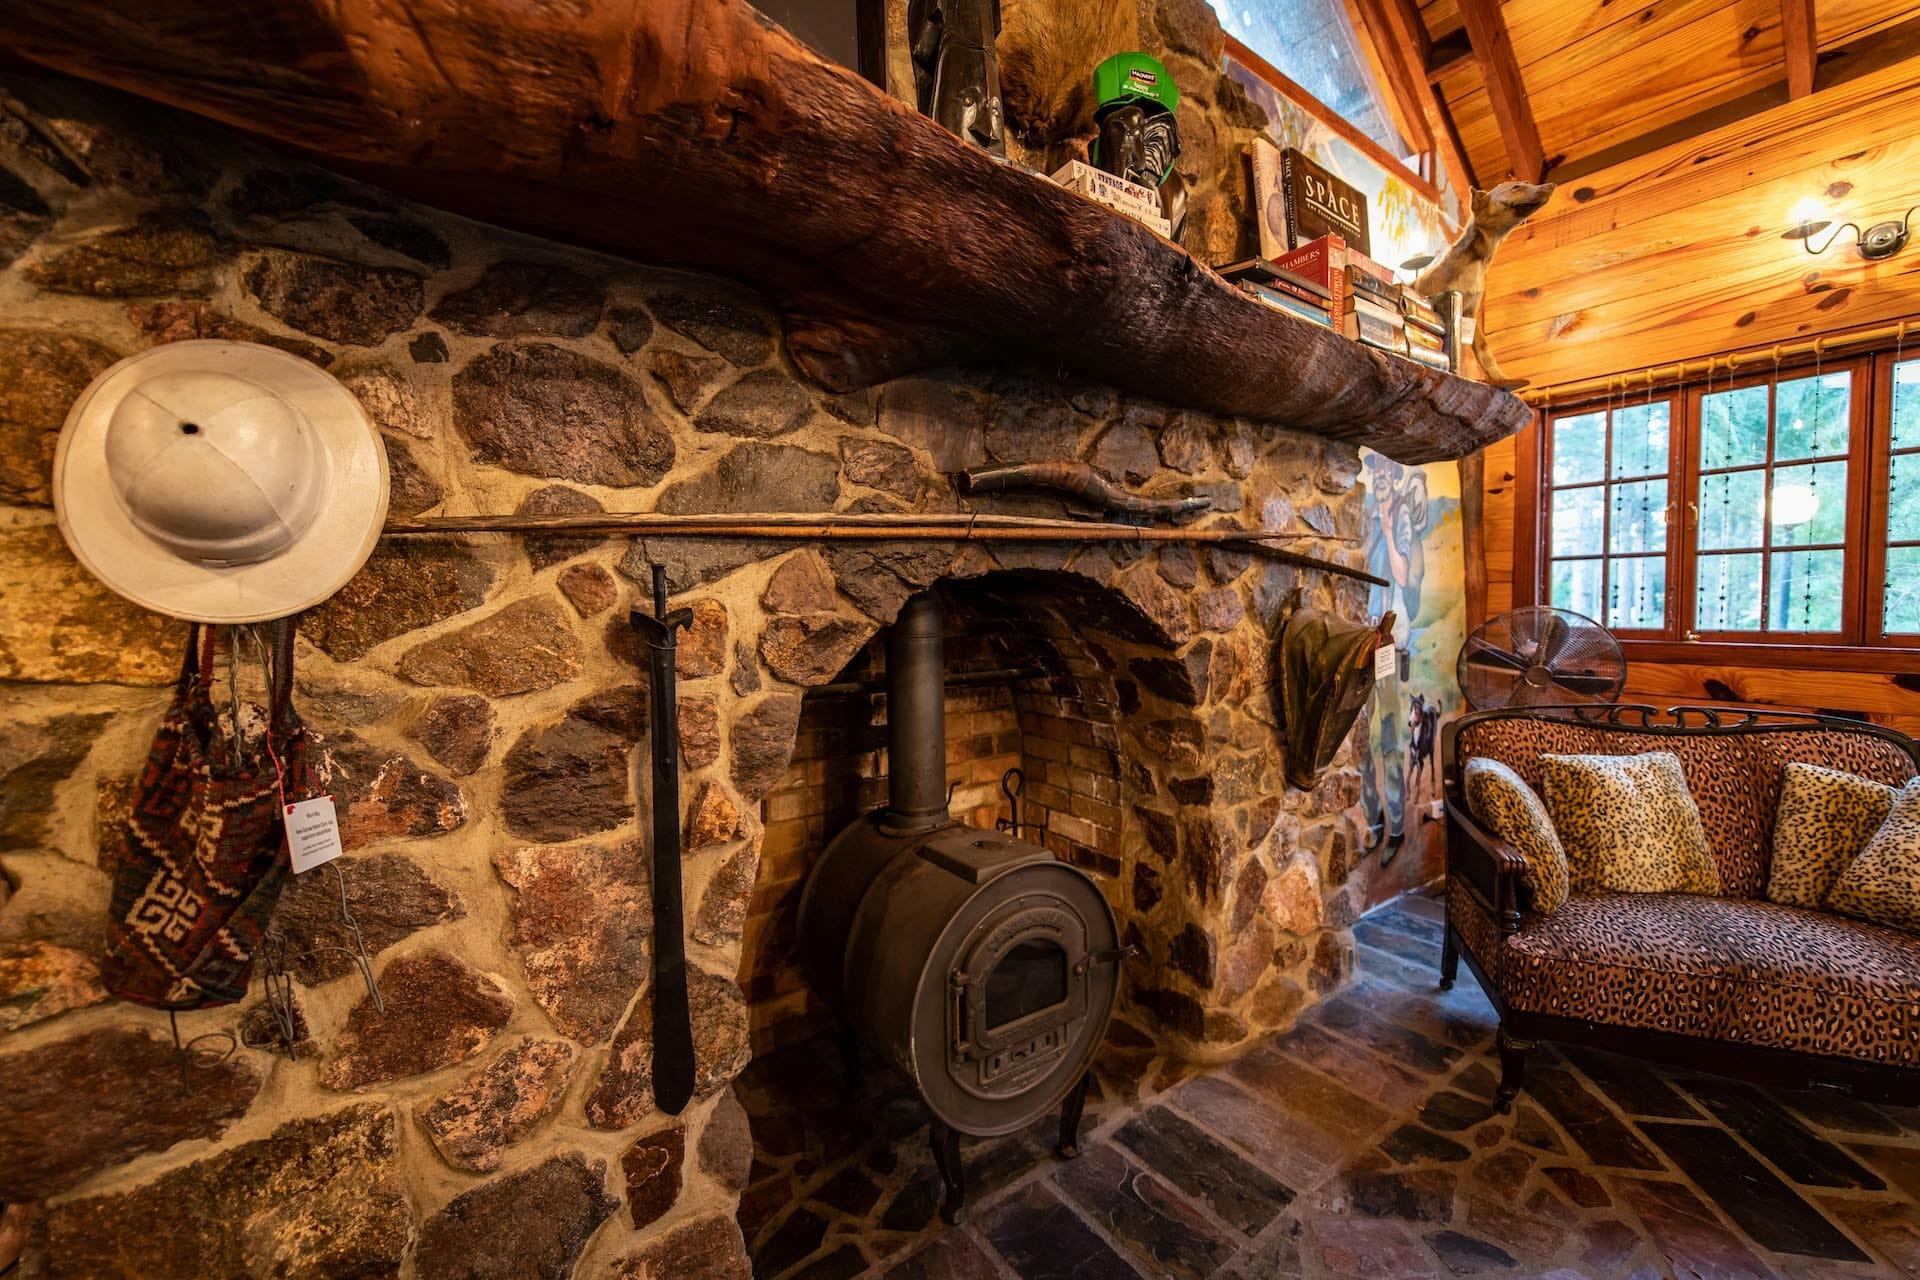 Frangipani House Stone Fireplace and Mantle Shelf 1920 x 1280